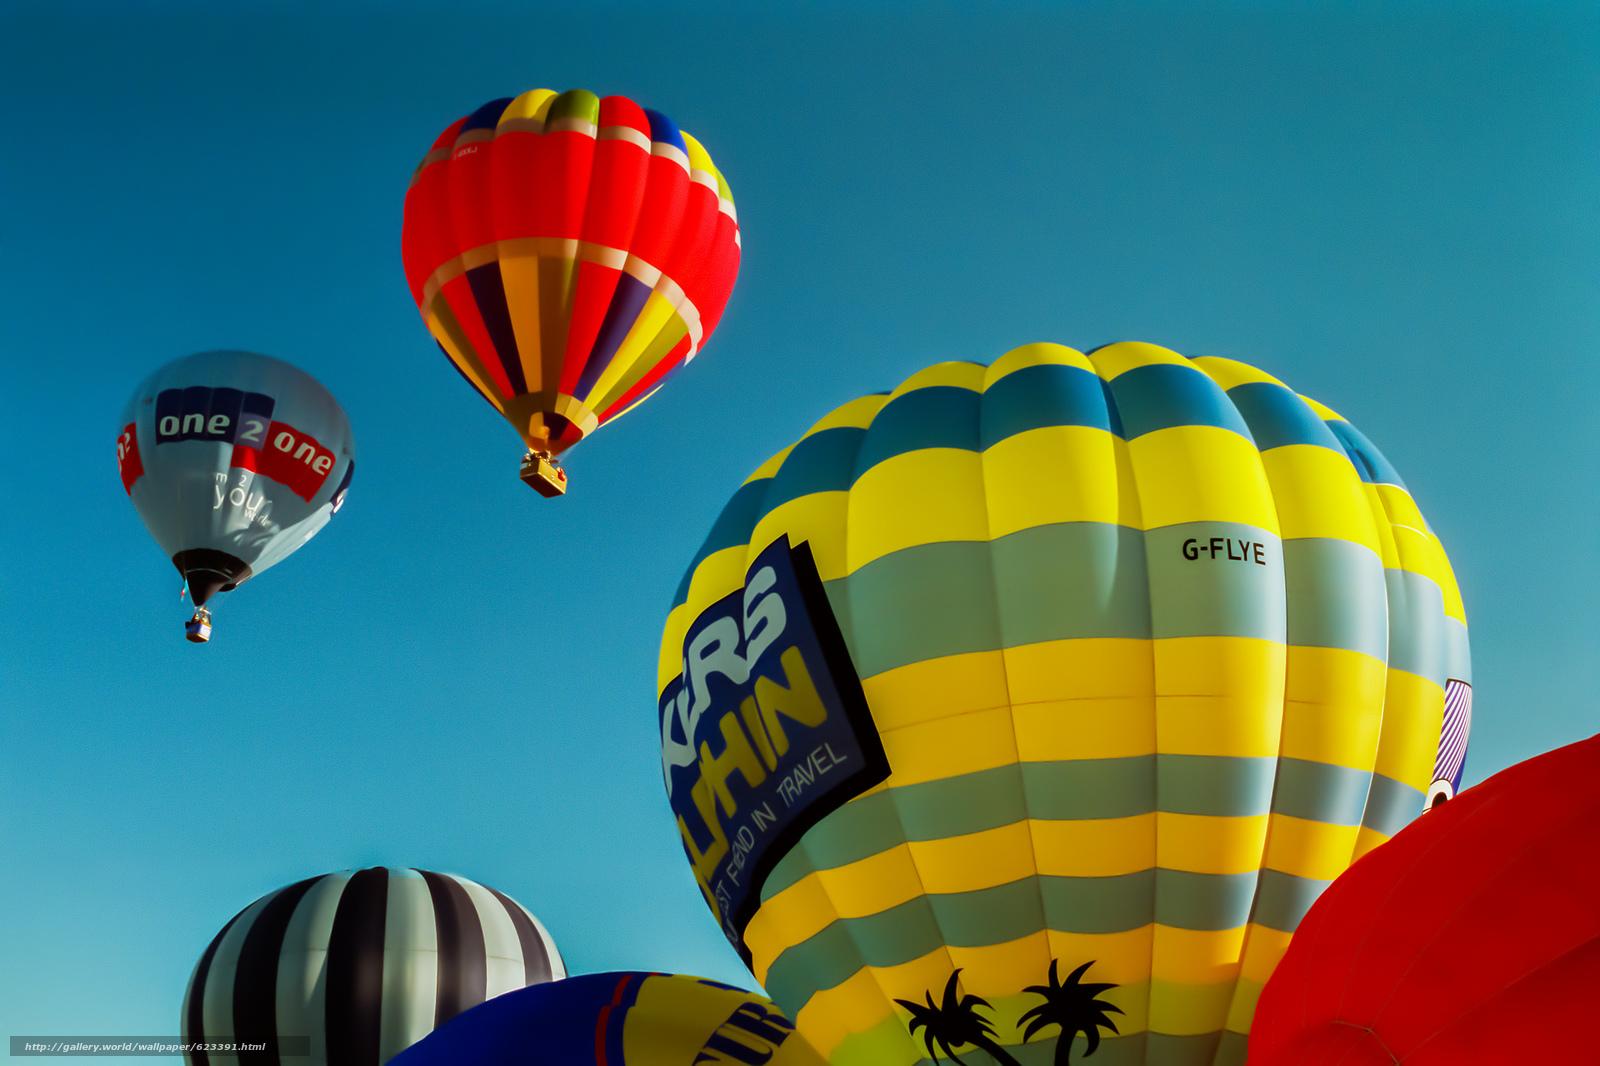 Скачать на телефон обои фото картинку на тему воздушные шары, небо, полёт, разширение 2048x1365